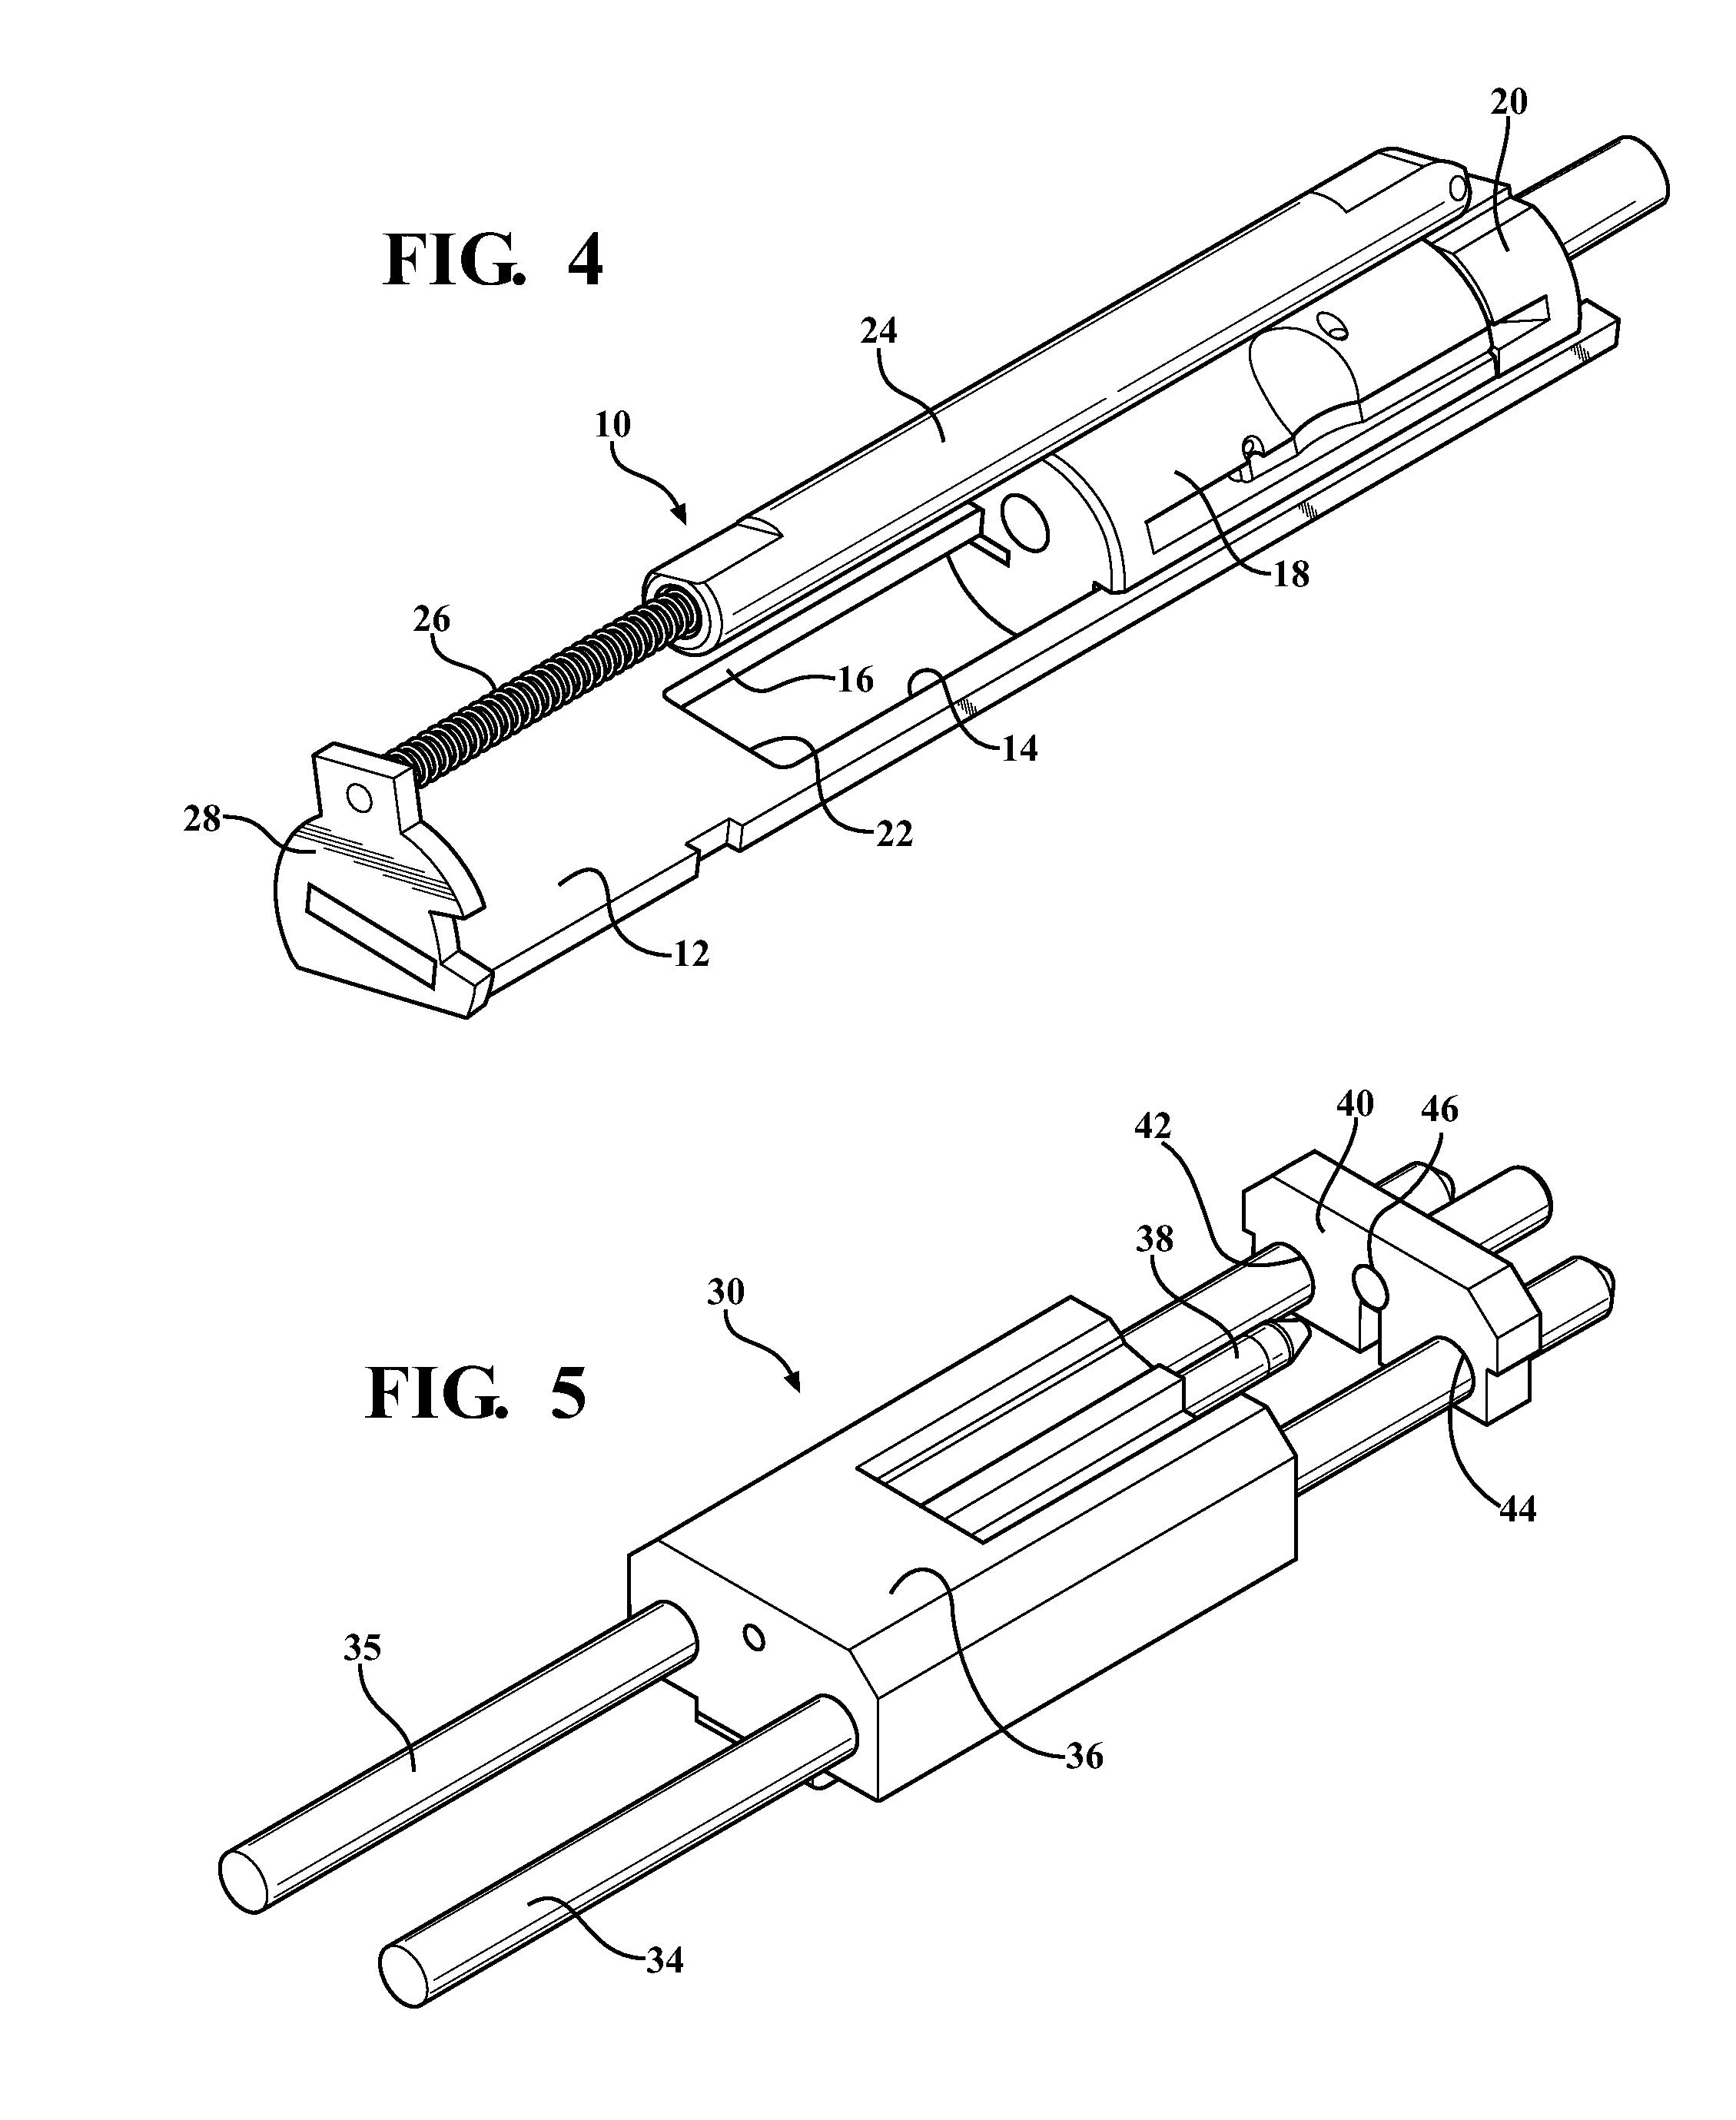 p90 schematics images